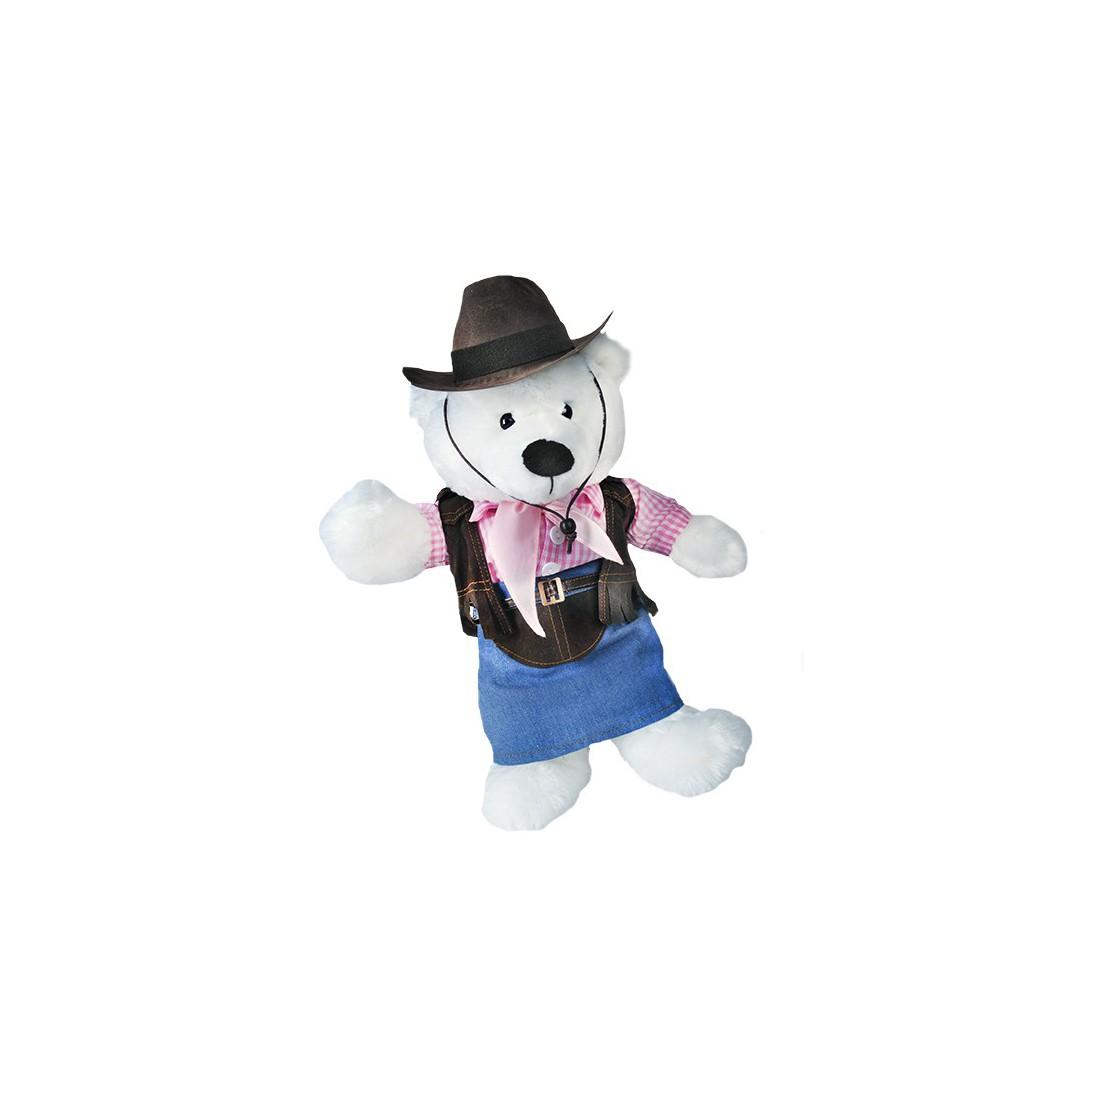 Tenue de Cowgirl  - la tenue idéale pour les peluches personnalisées ! ,  40 cm  - La tenue idé